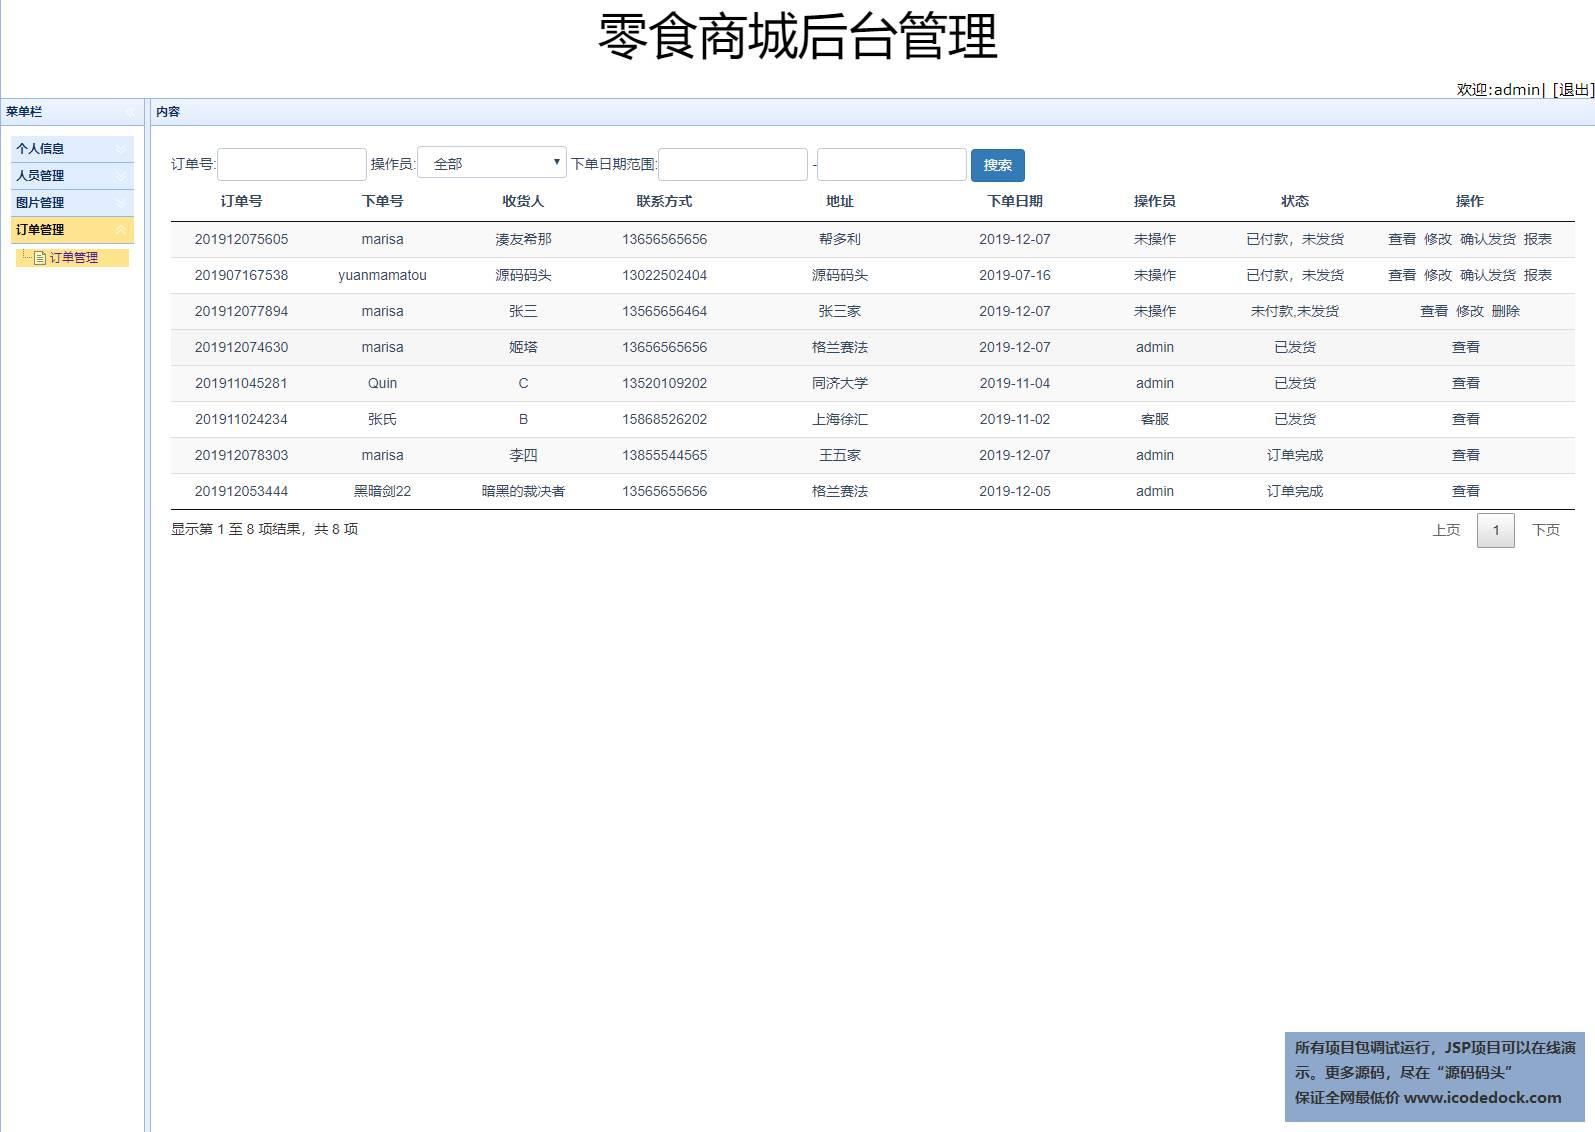 源码码头-SSM网上零食商城-管理员角色-订单管理